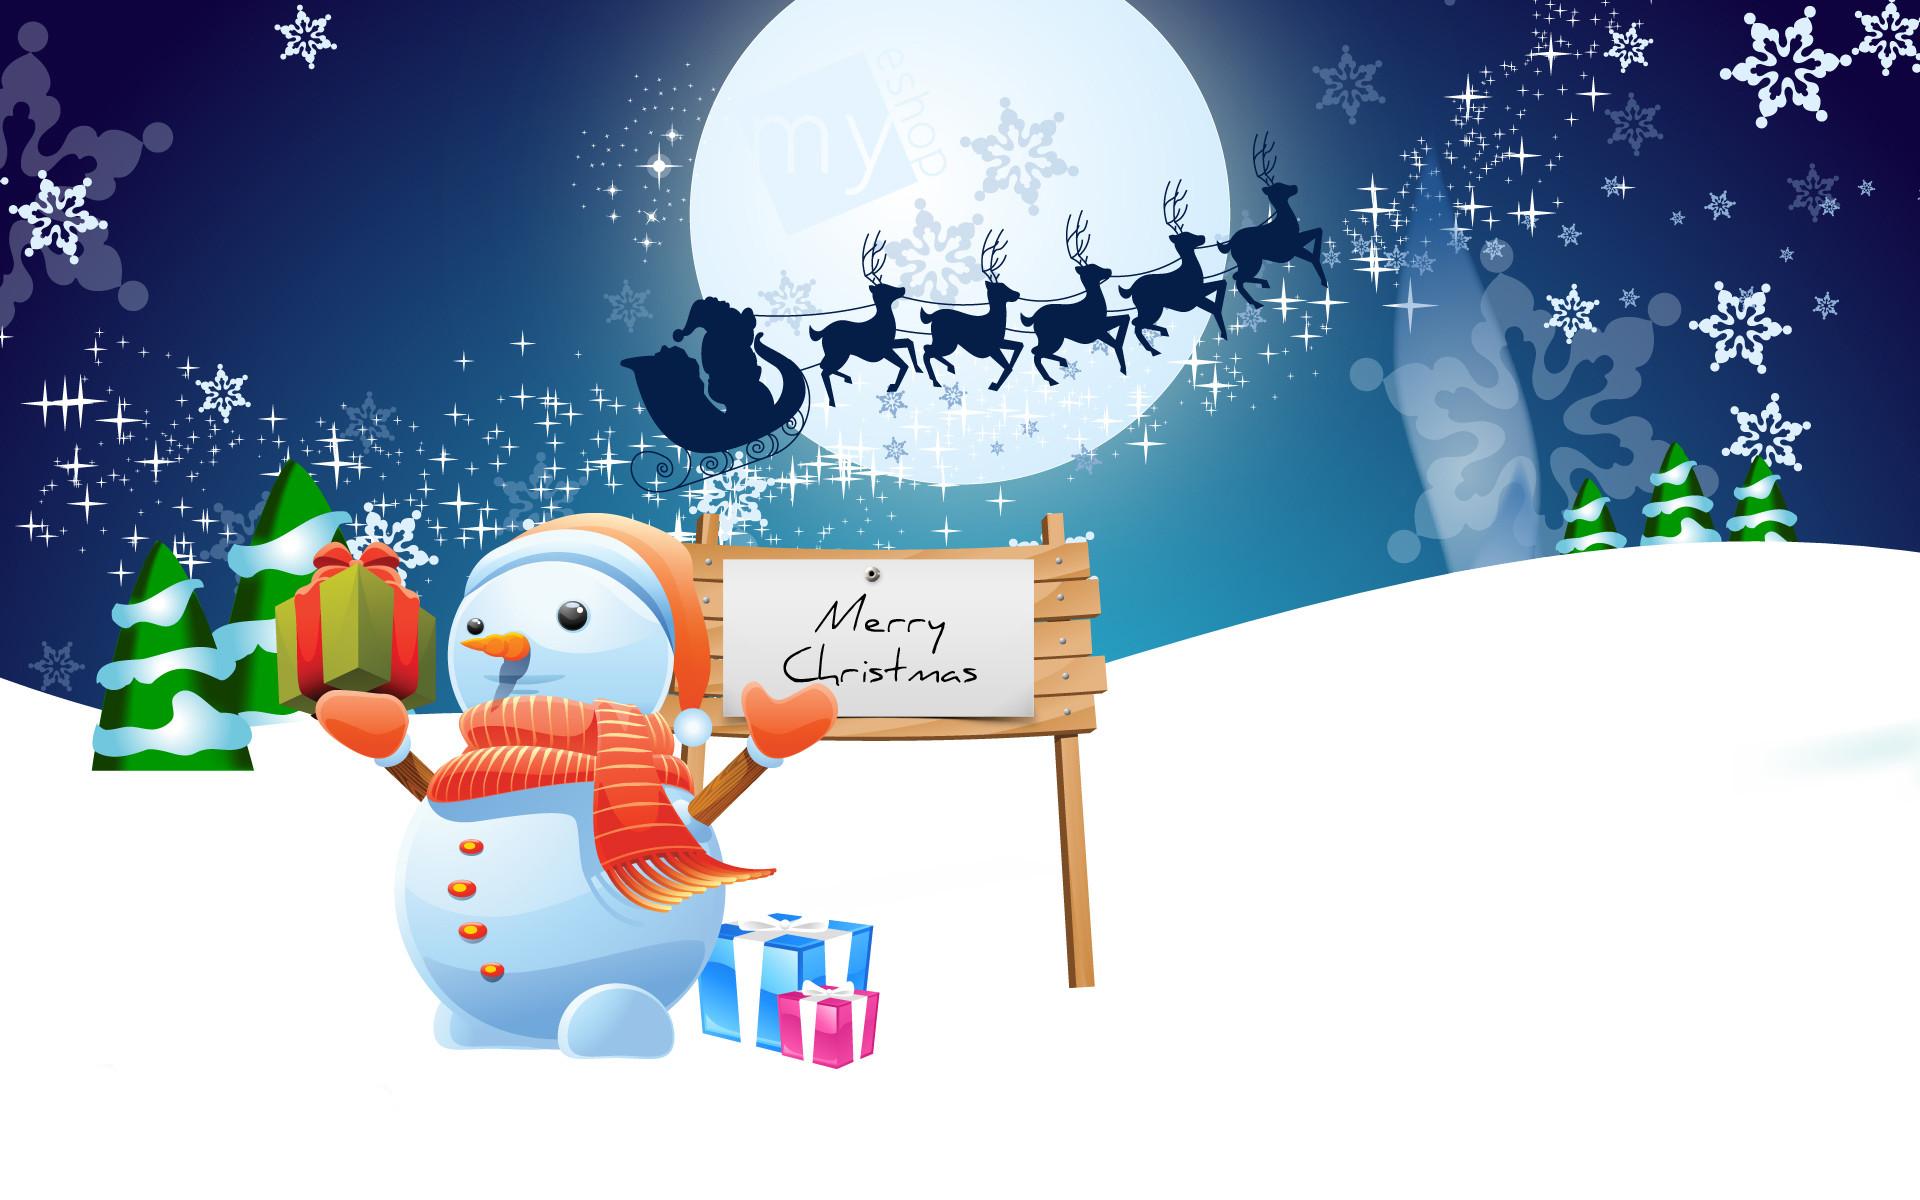 2015 hd Christmas wallpaper widescreen